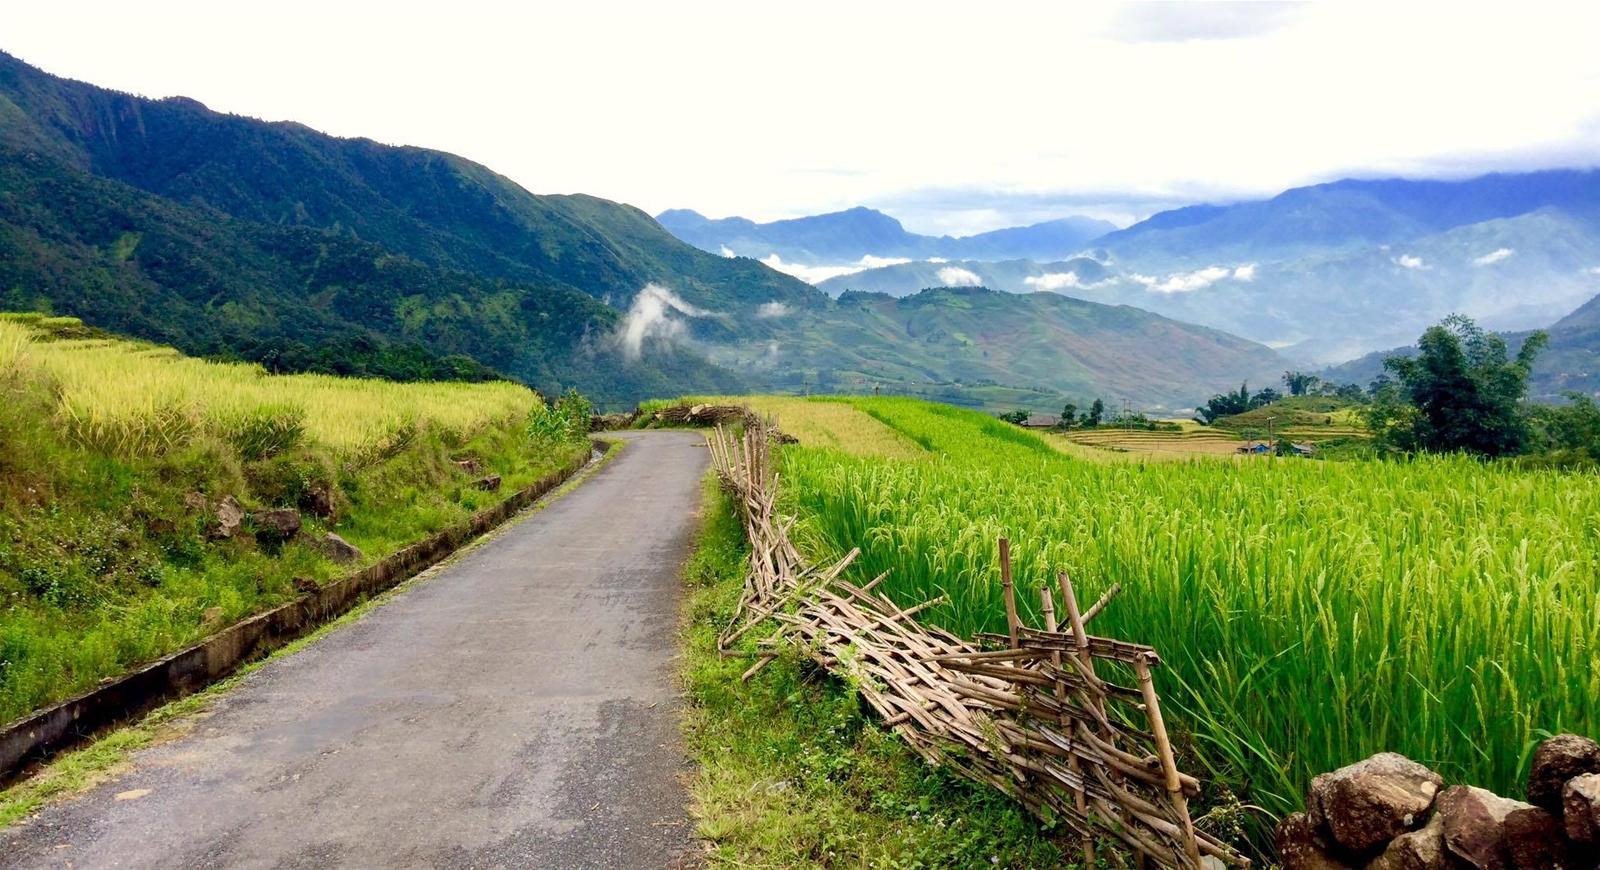 tour-mu-cang-chai-ngoc-chien-sapa-mua-nuoc-do-vietmountain-travel3